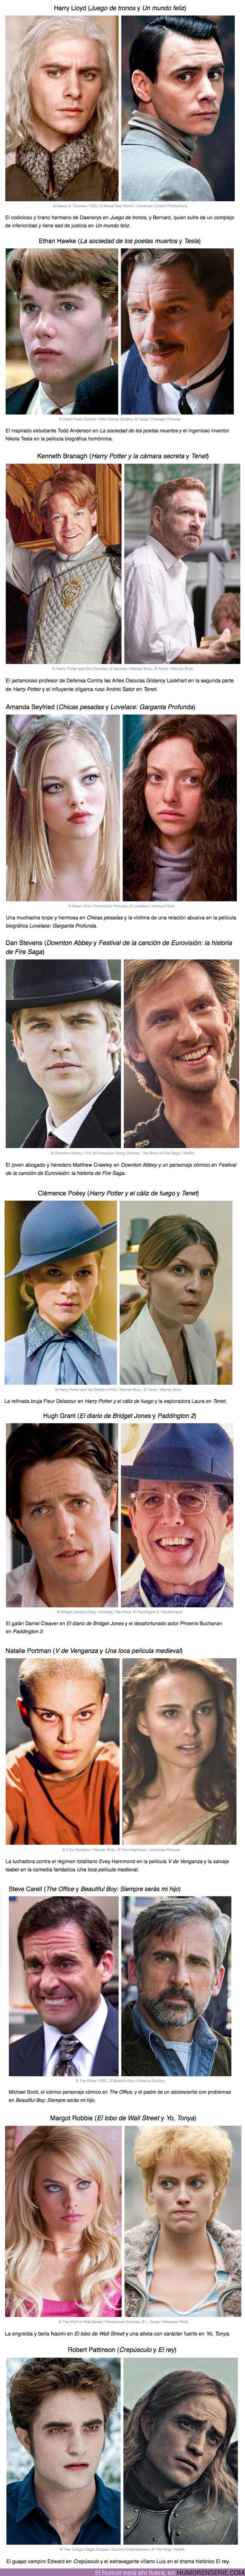 60072 - GALERÍA: 11 Actores que transformaron su imagen tan exitosamente que hicieron que el público se enamorara de ellos más de una vez